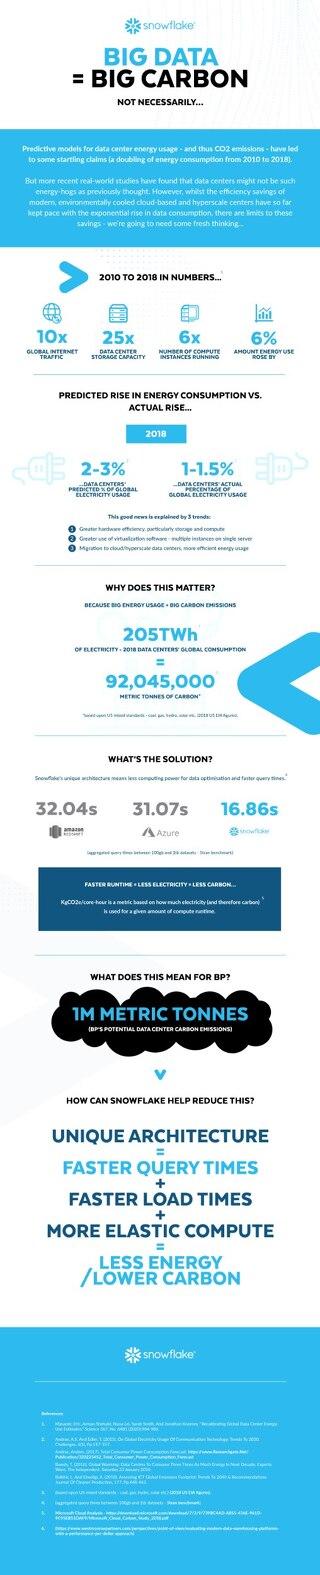 Big Carbon & Big Data